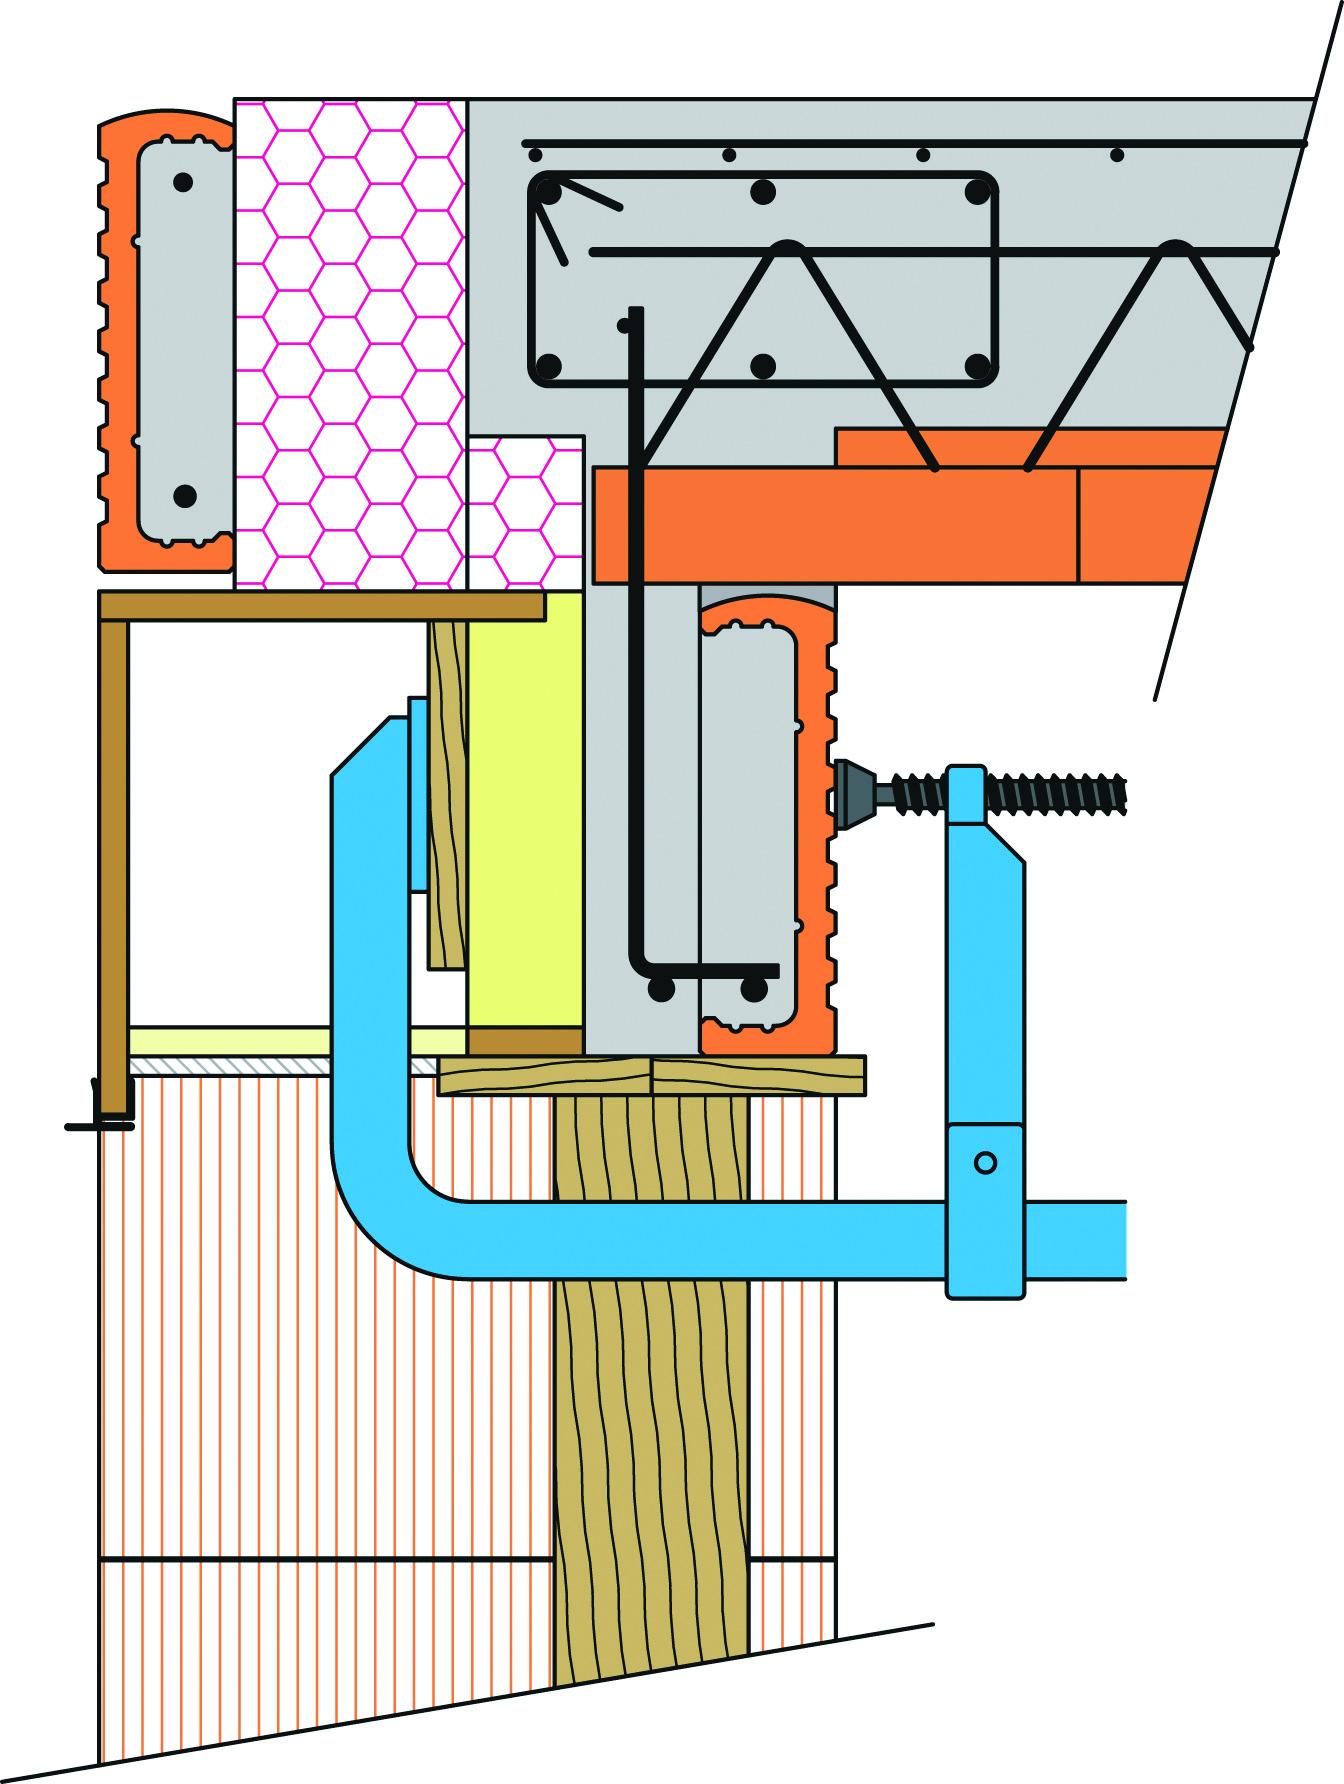 04 | Práce pred betonážou stropu